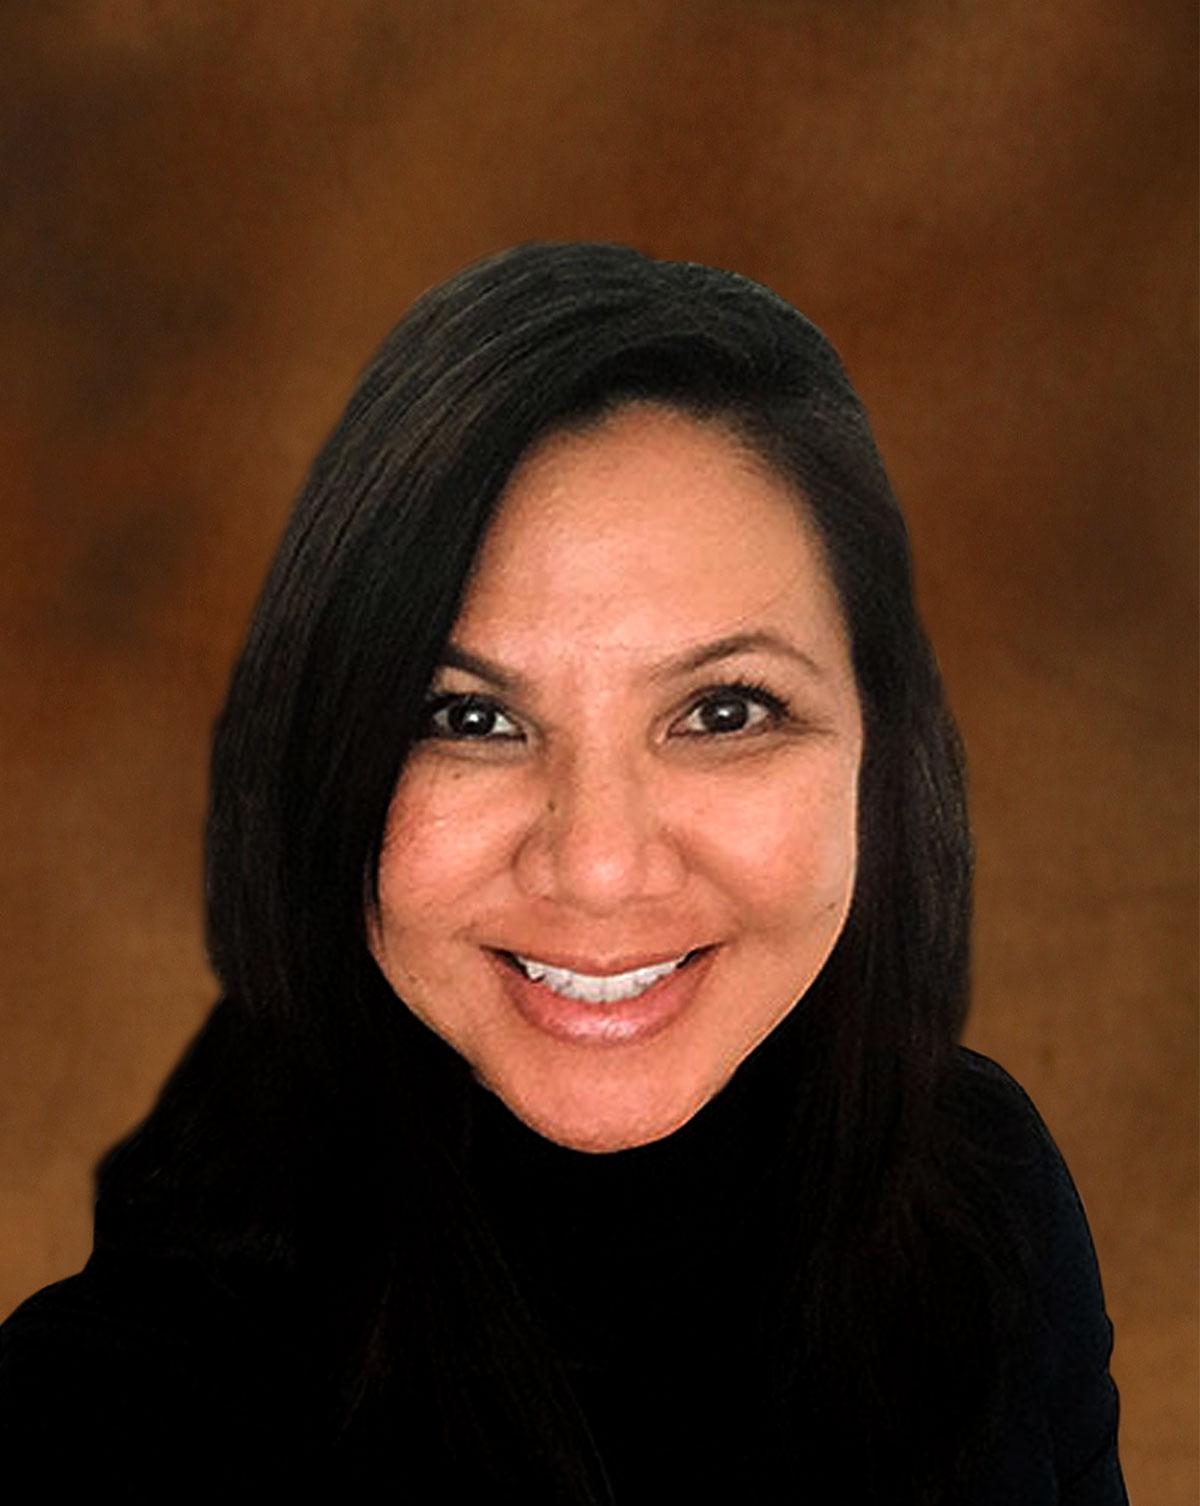 Vanessa Reyes, Outreach Specialist